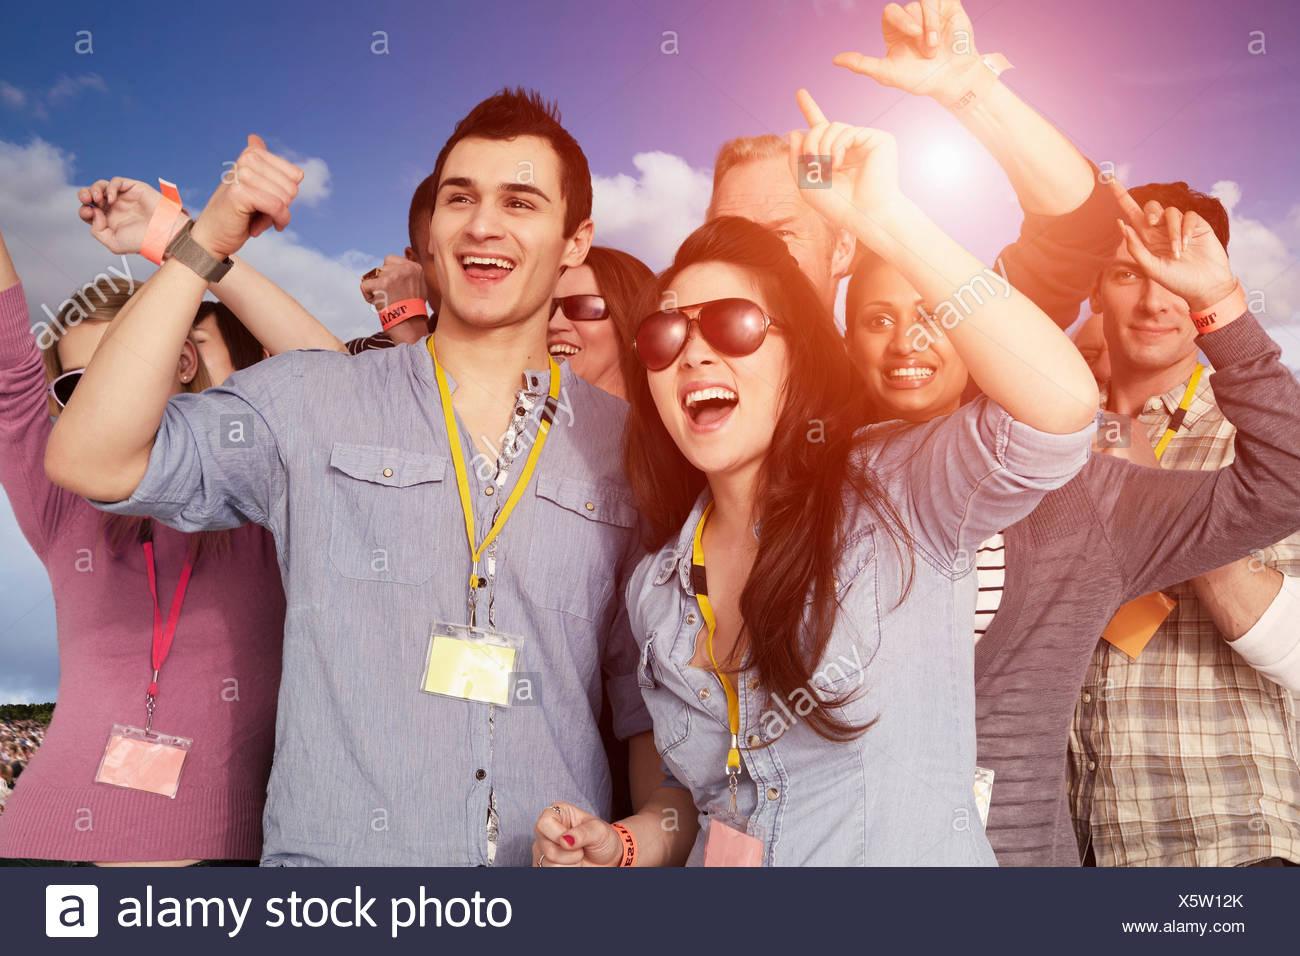 Personas vitoreando en un festival de música Imagen De Stock